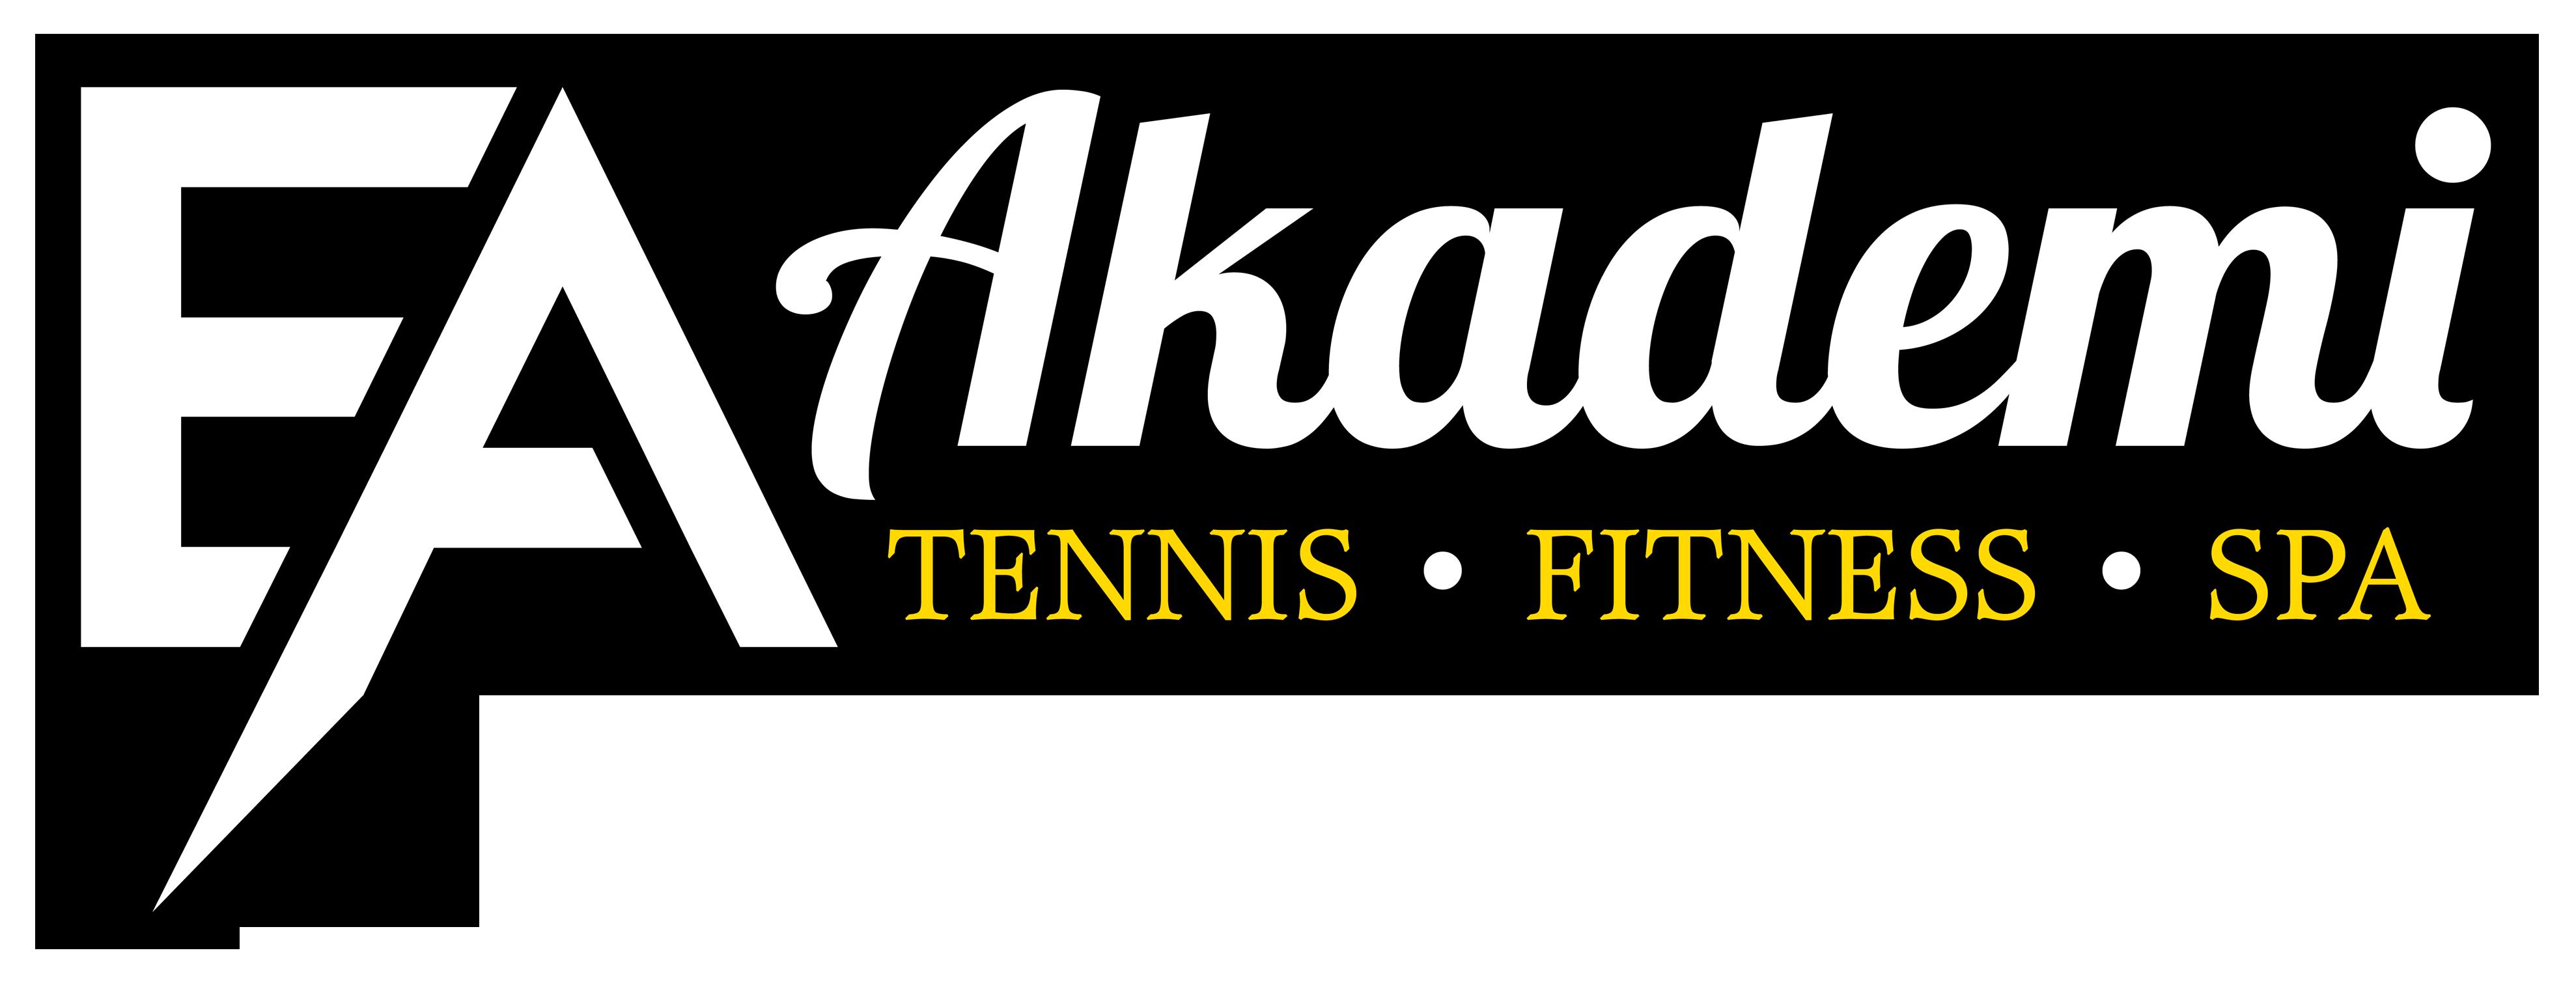 EA Aydın Tenis Akademi Tenis Kulülü